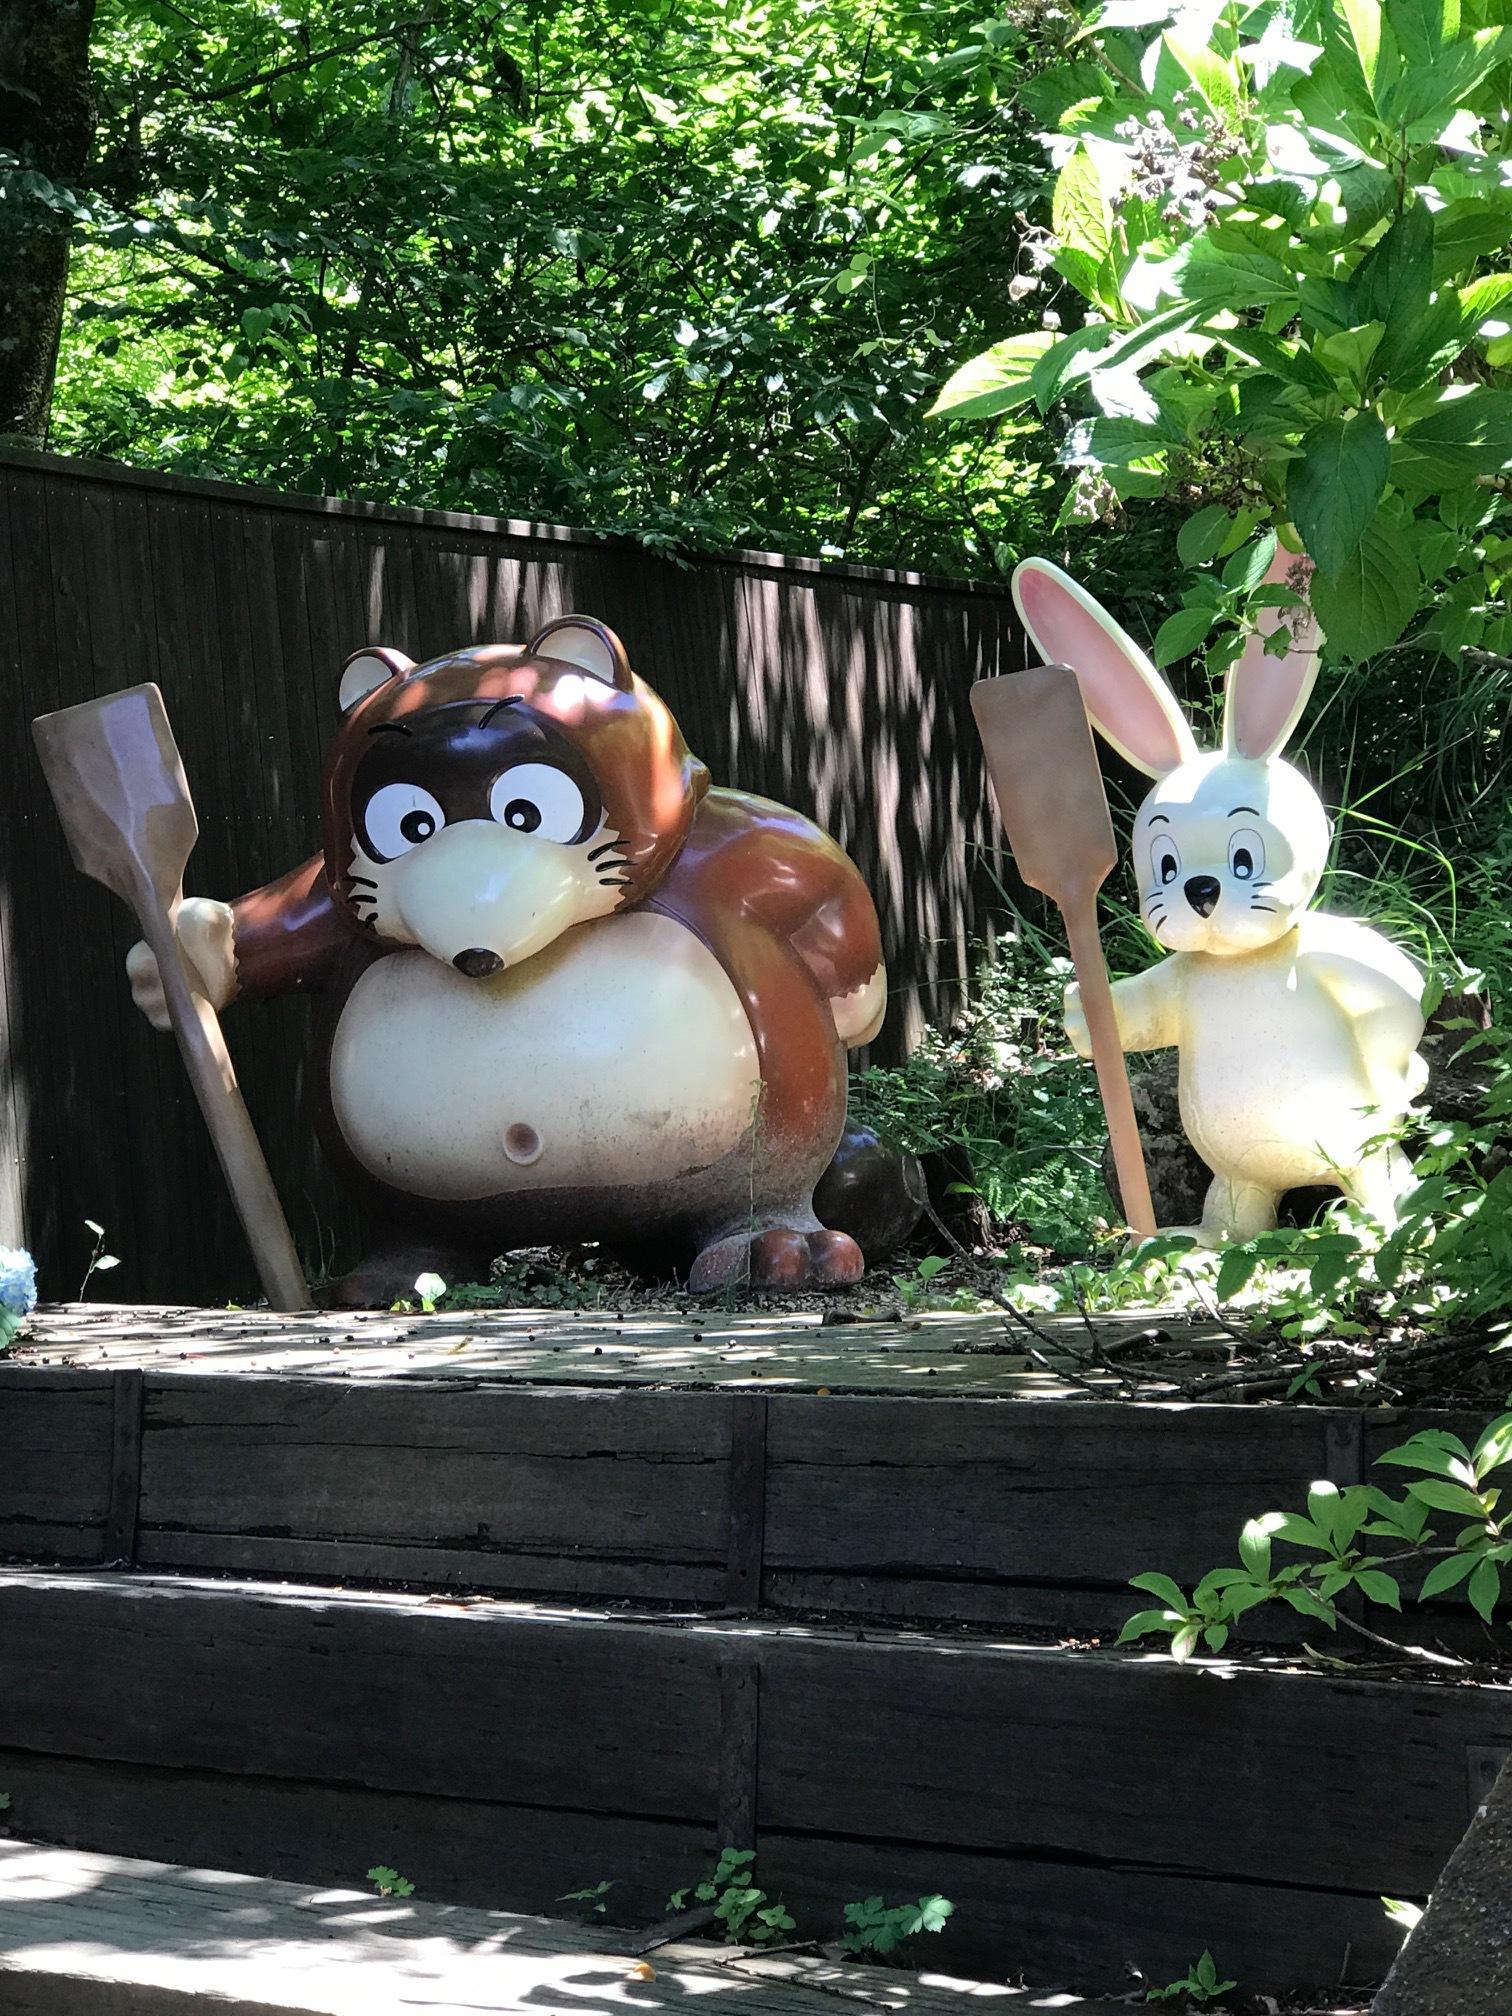 Tanuki and Rabbit